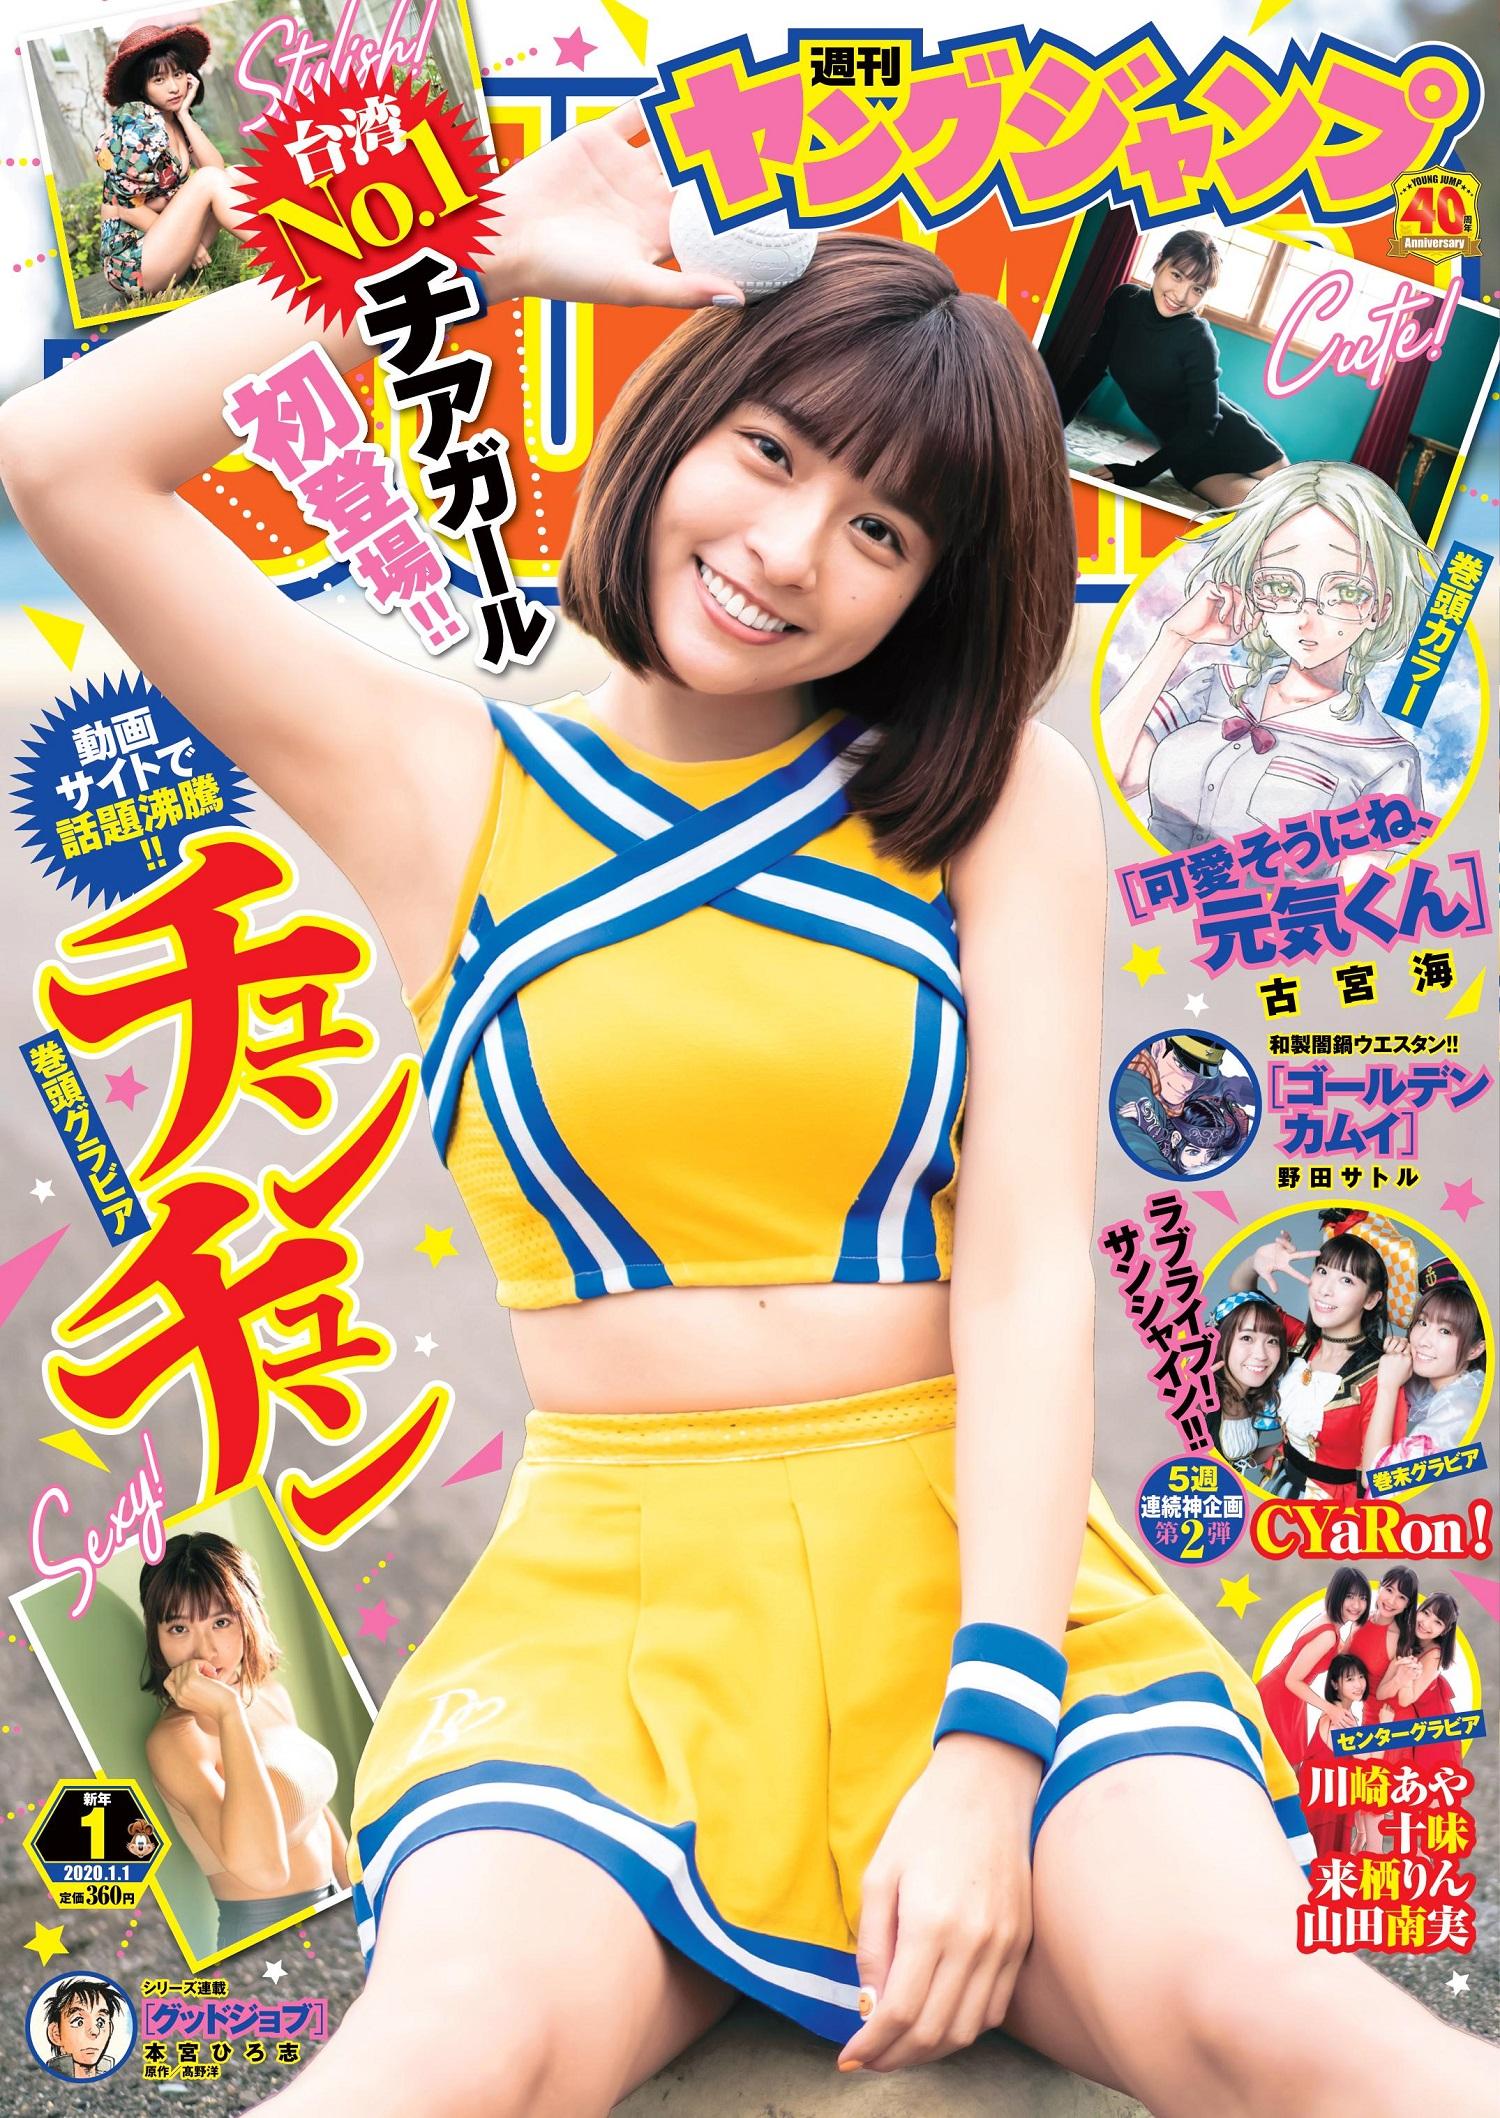 台湾チアガール、チュンチュンが、週刊ヤングジャンプ表紙と巻頭